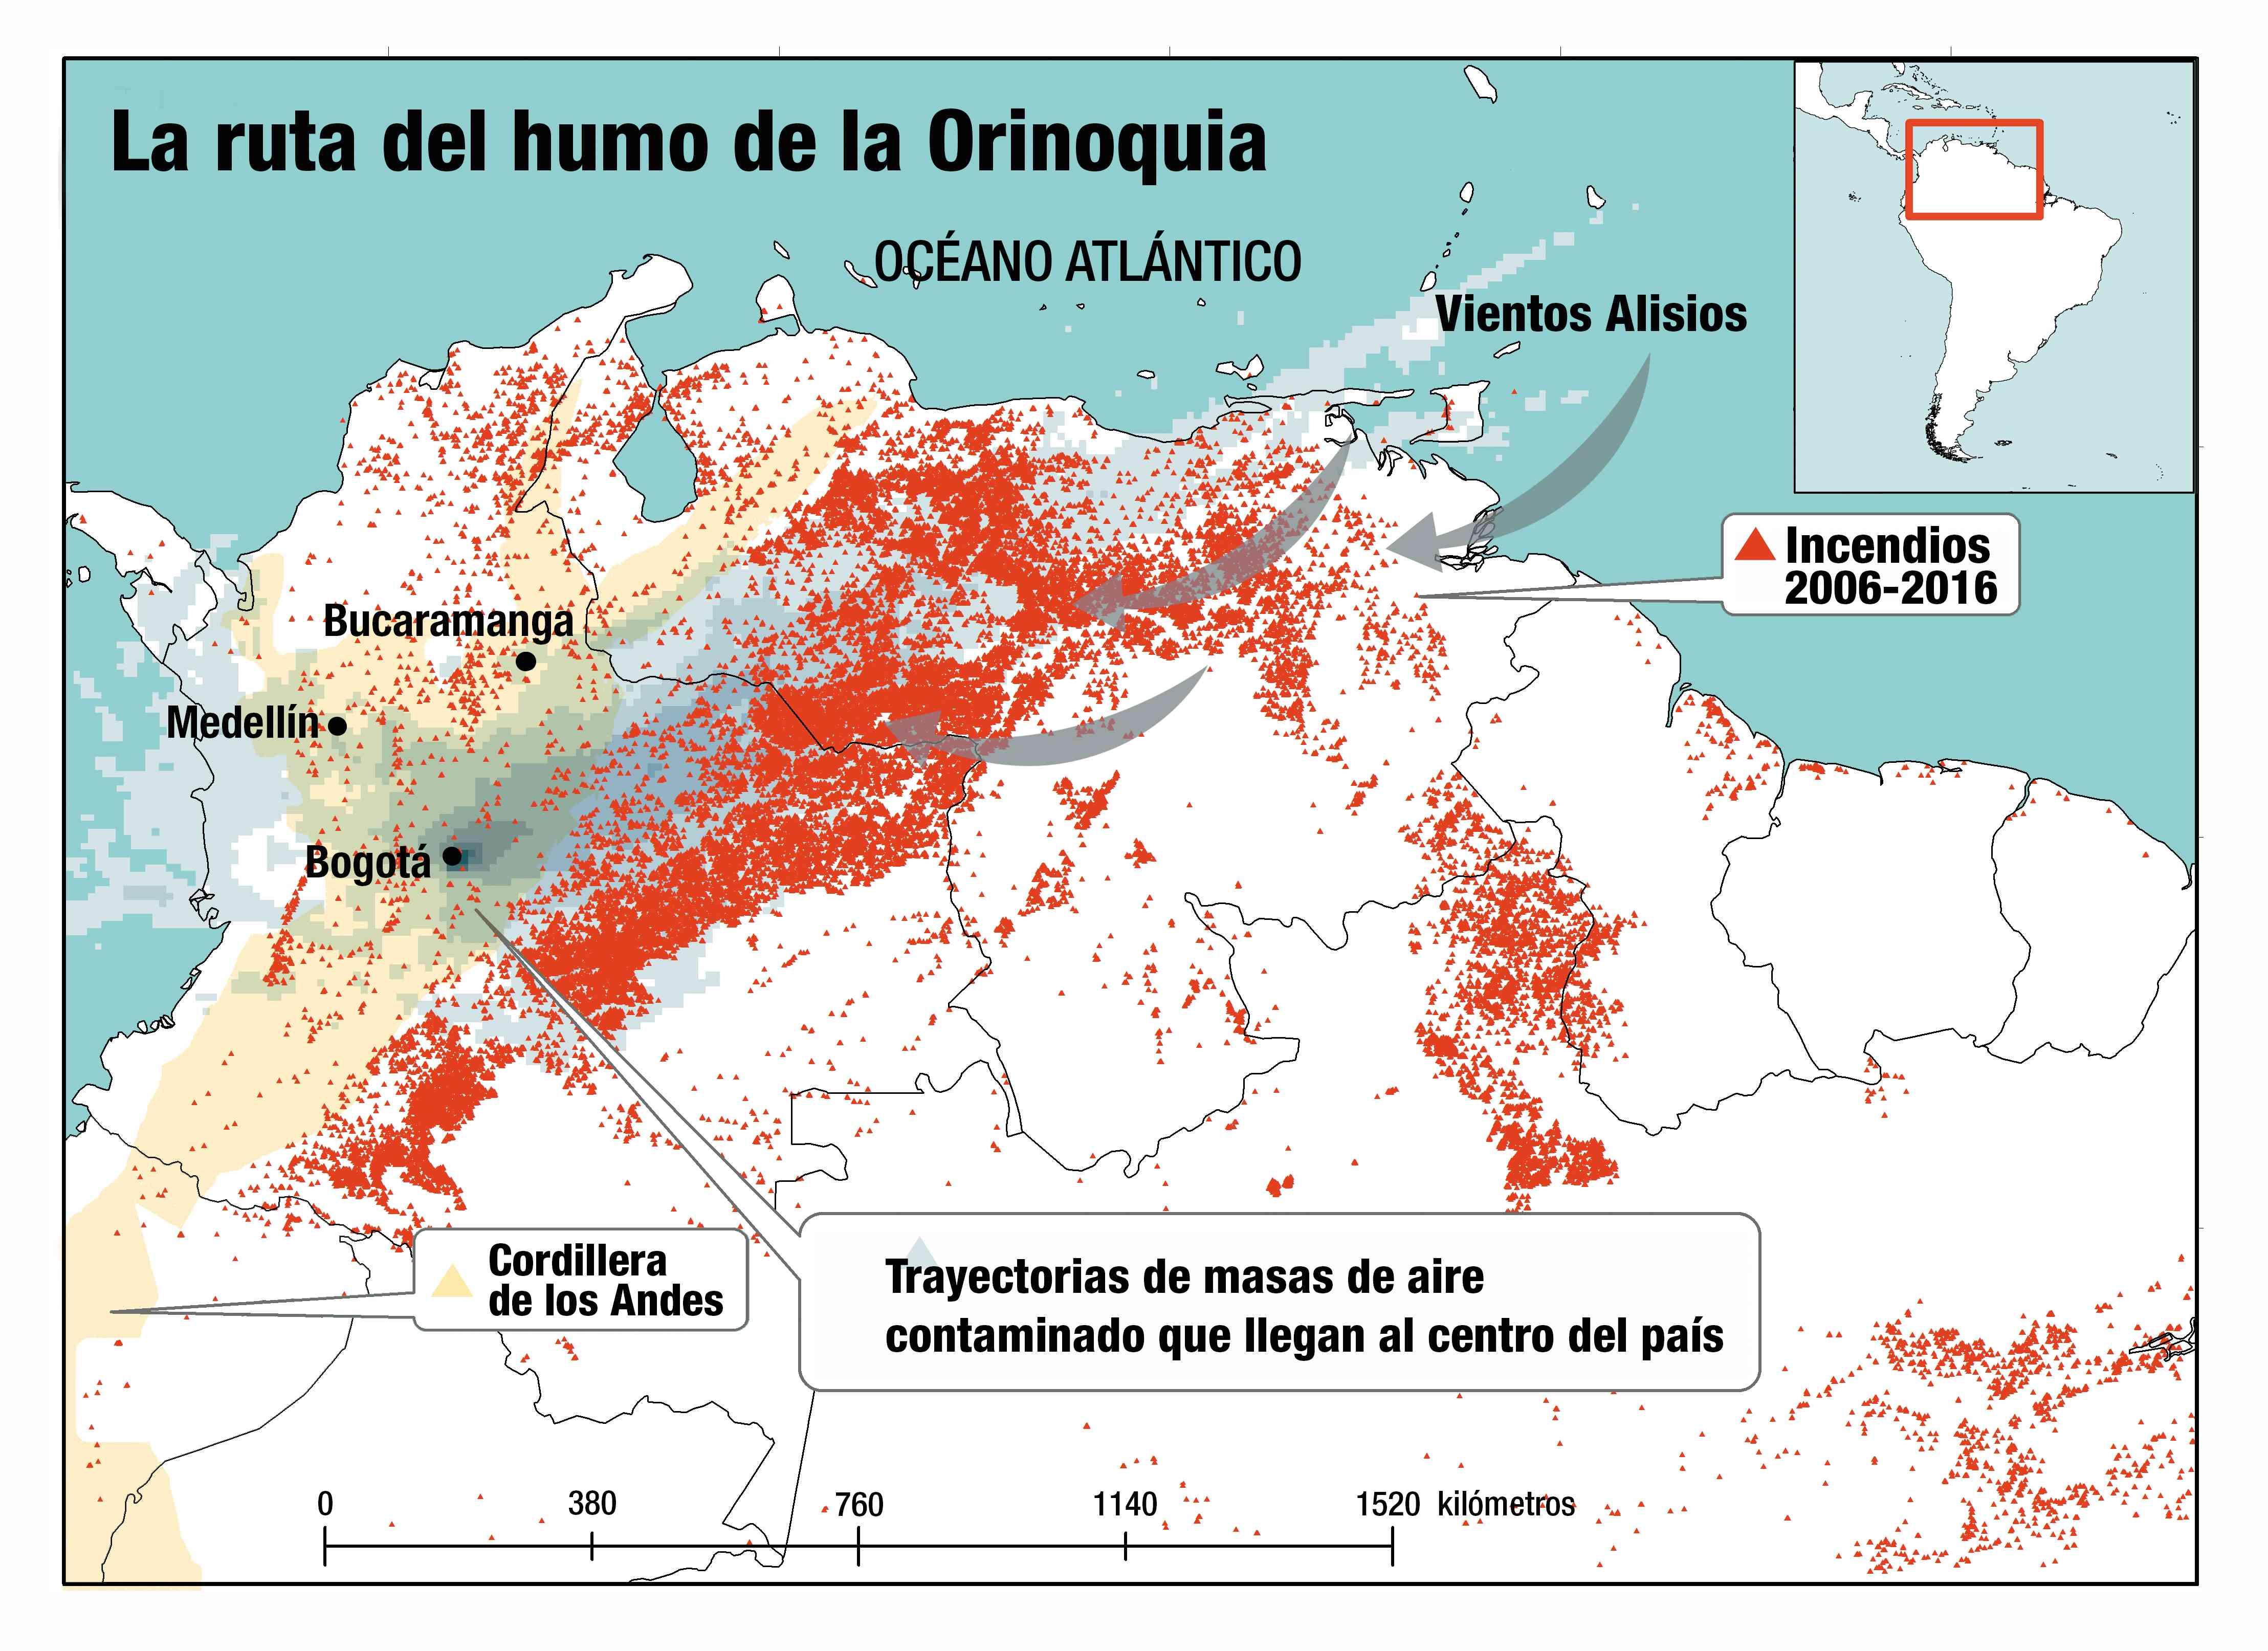 Expertos de las universidades Nacional y Andes identificaron que entre 2006 y 2016 hubo más de 400.000 incendios forestales en la Orinoquia colombo-venezolana. Con un modelo de la trayectoria de las masas del aire, concluyeron que el humo llegó a Bogotá, Medellín y Bucaramanga. Fuente: U. Nacional, Andes / Semana.